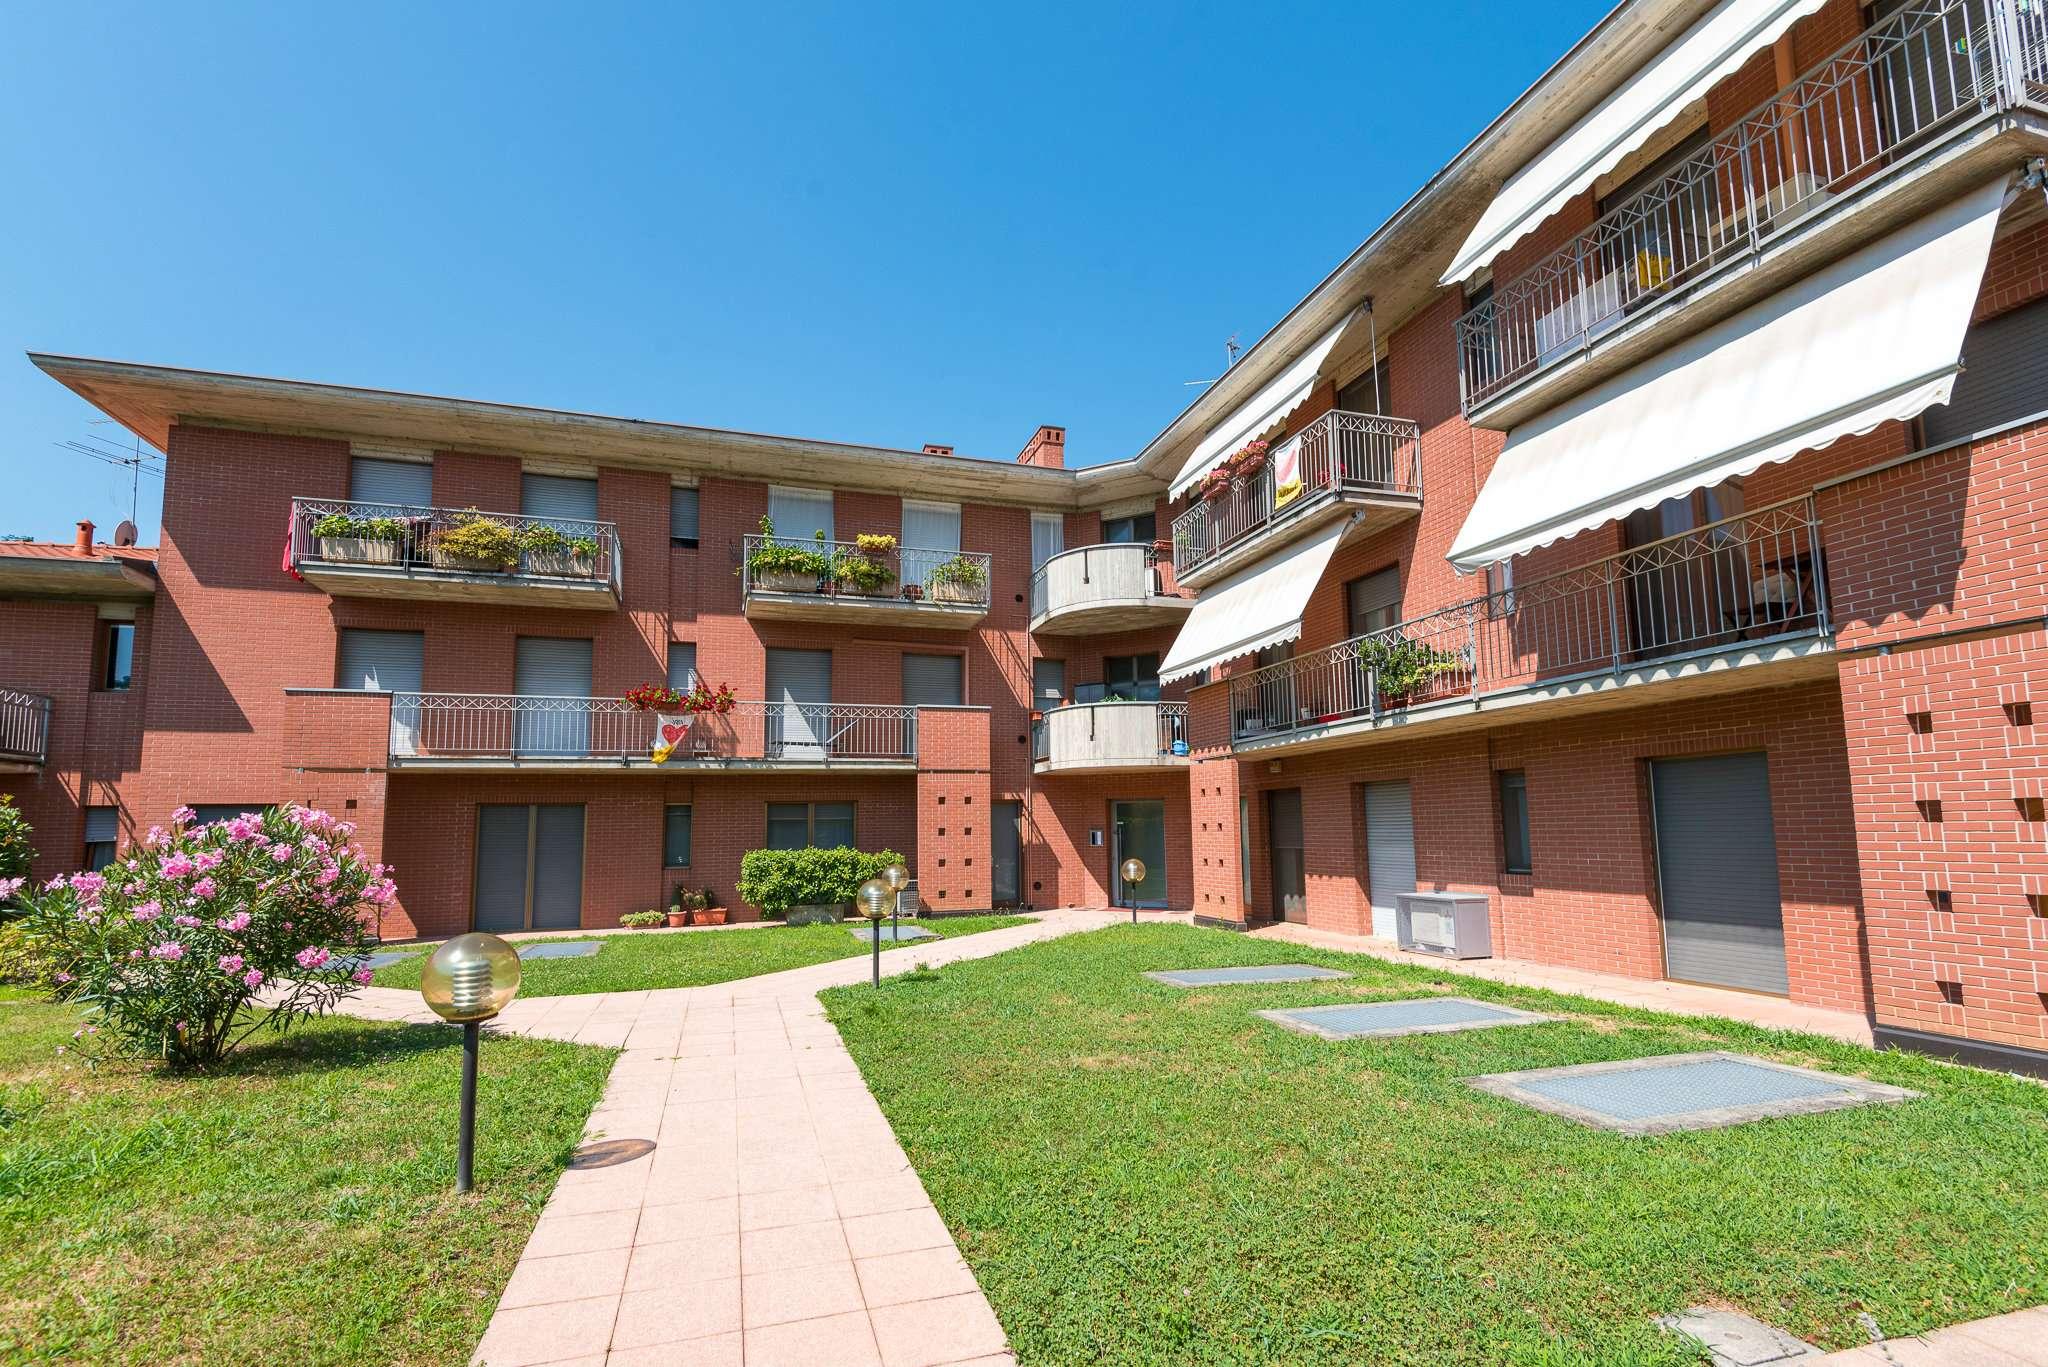 Appartamento in vendita a Mozzo, 3 locali, prezzo € 145.000   CambioCasa.it